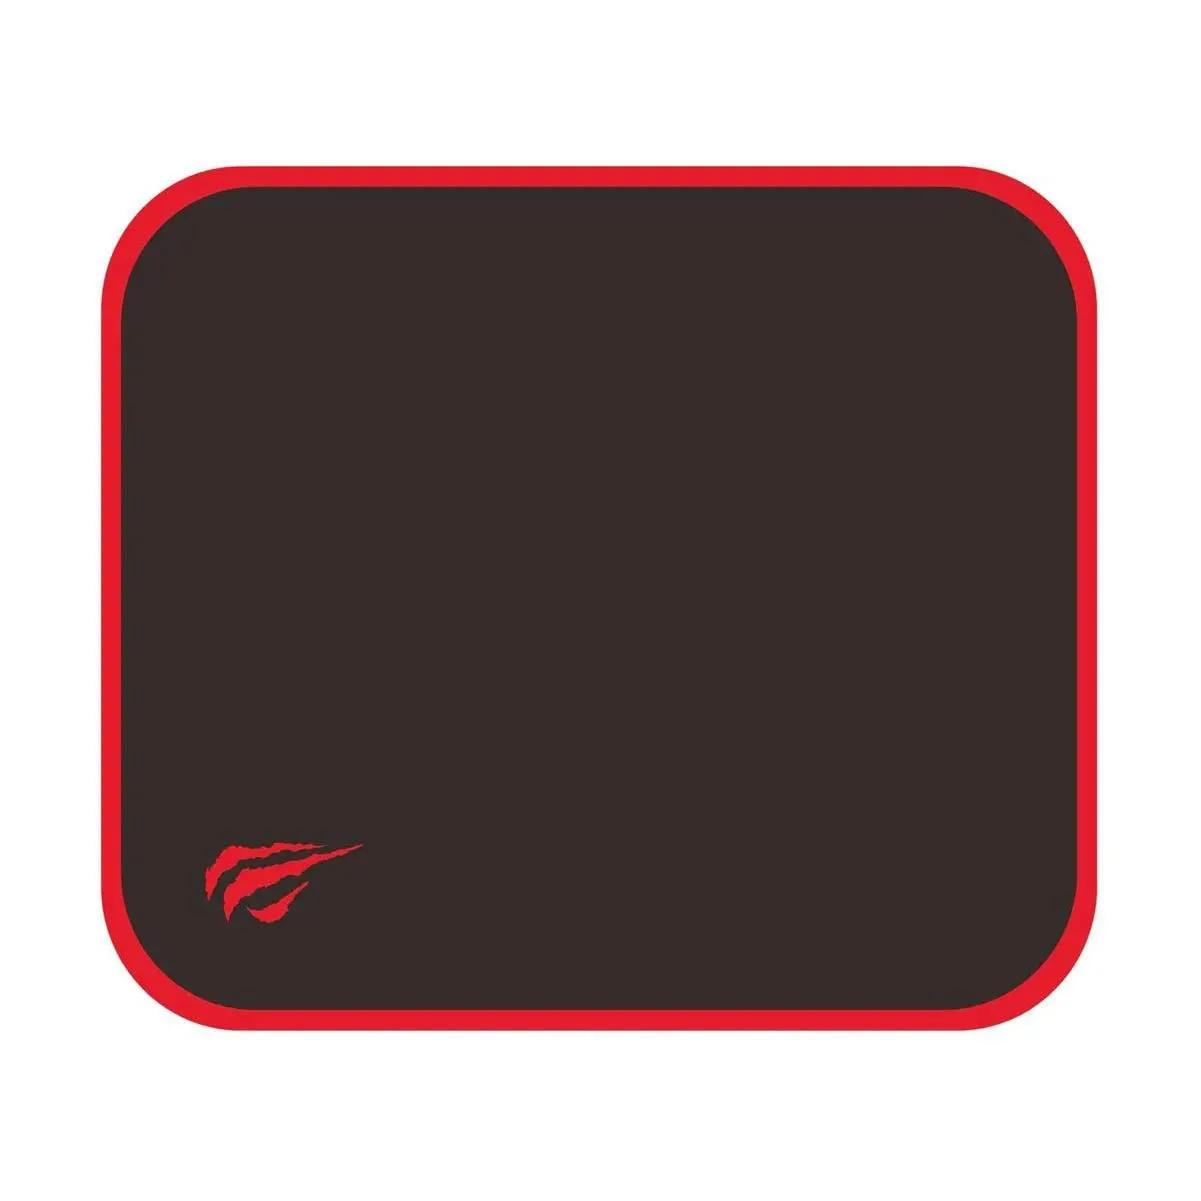 Mousepad Gamer Havit MP839 25x20cm Reforçado Anti-Derrapante e Respingo